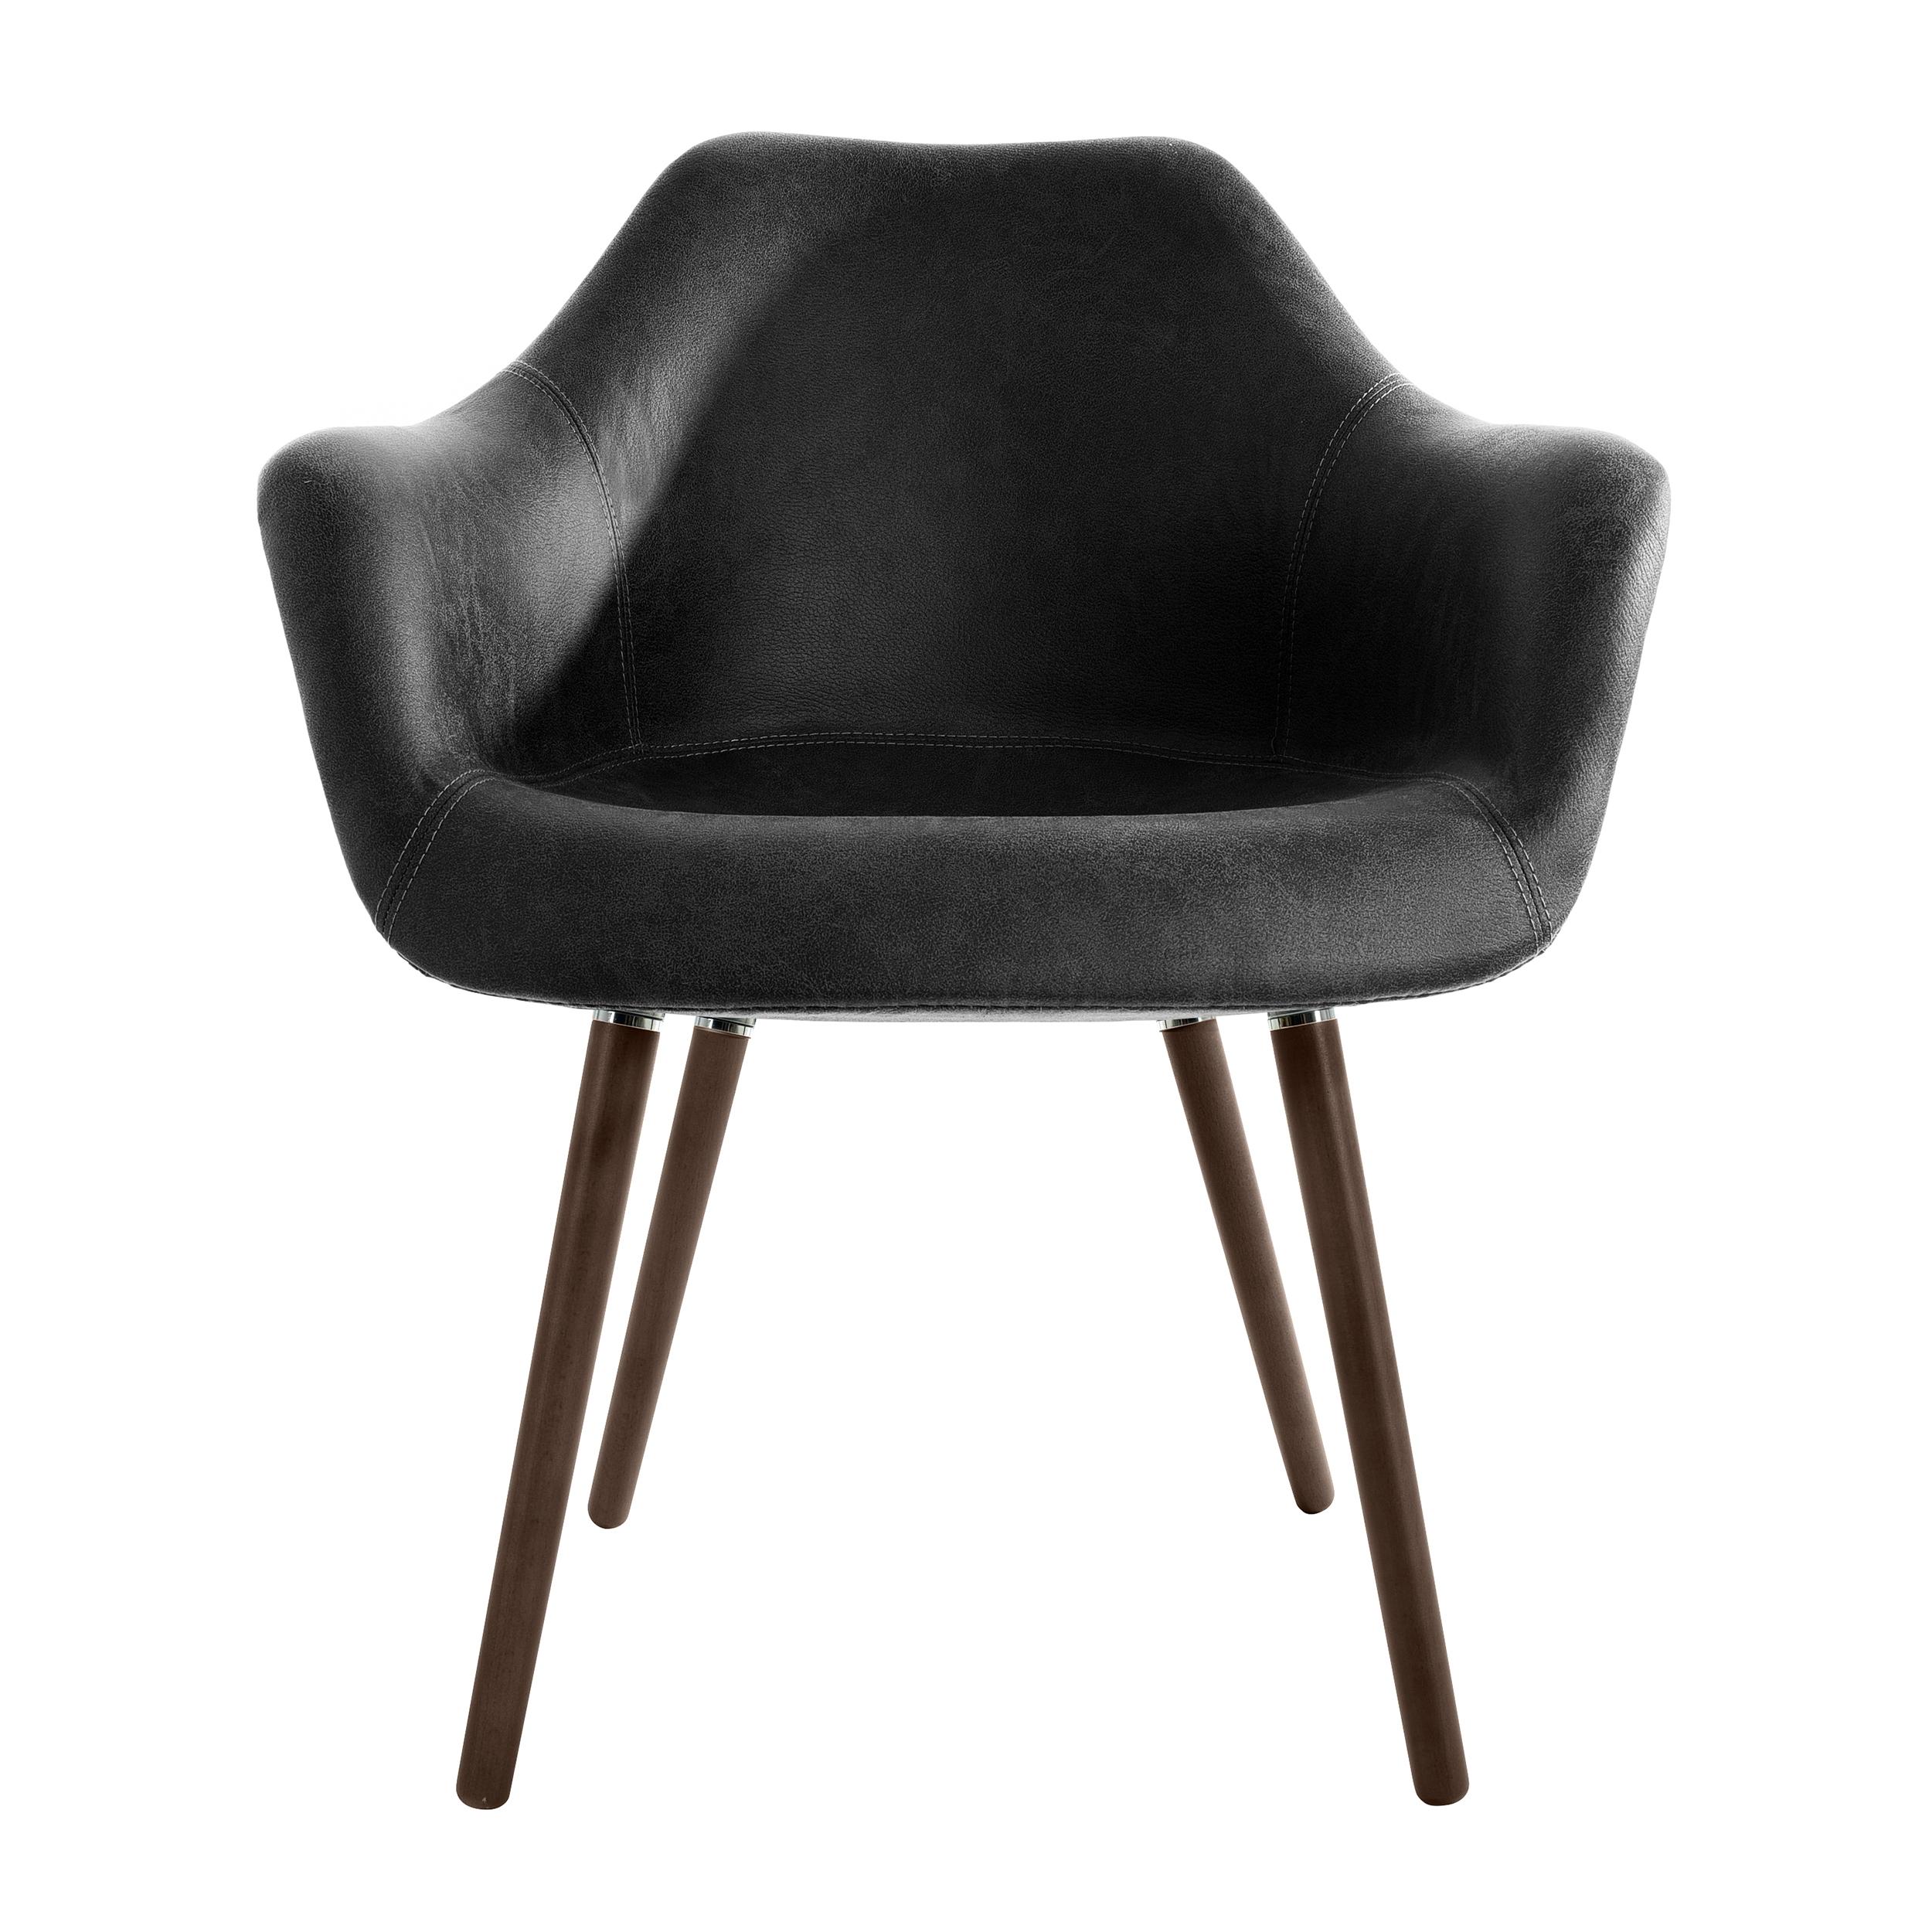 Chaise en tissu noir effet cuir vieilli